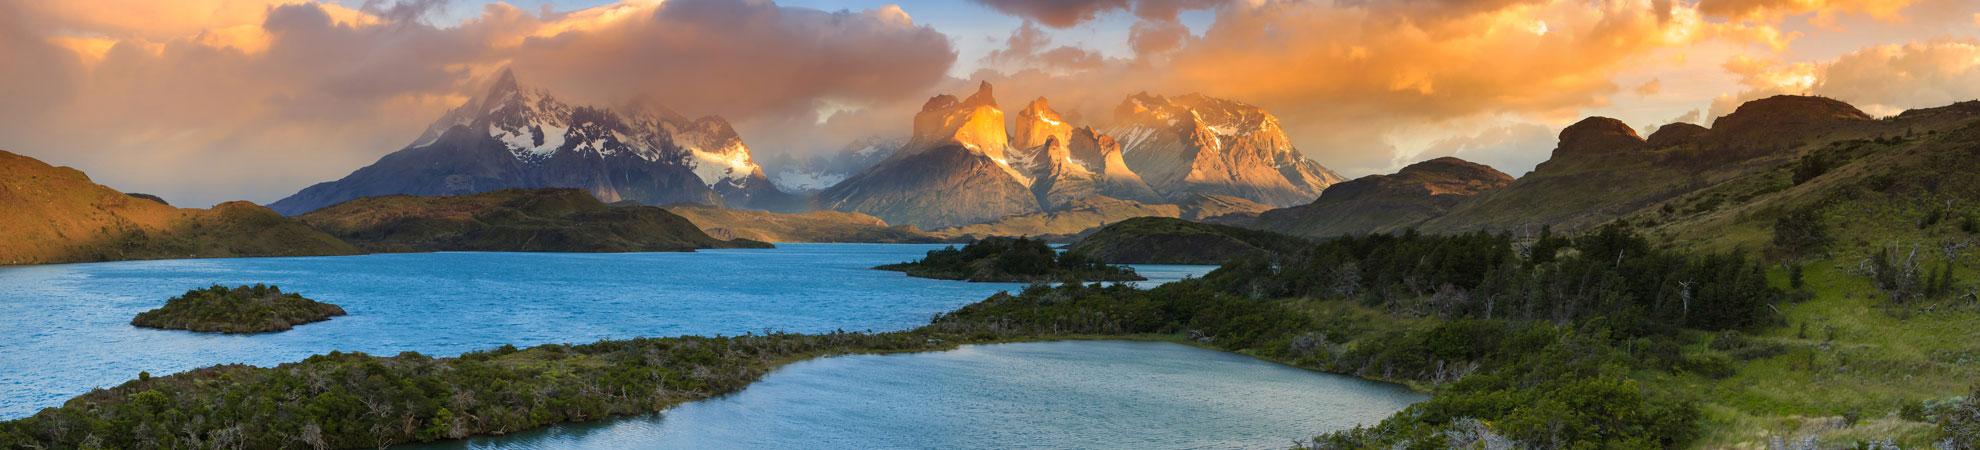 Chili tourisme